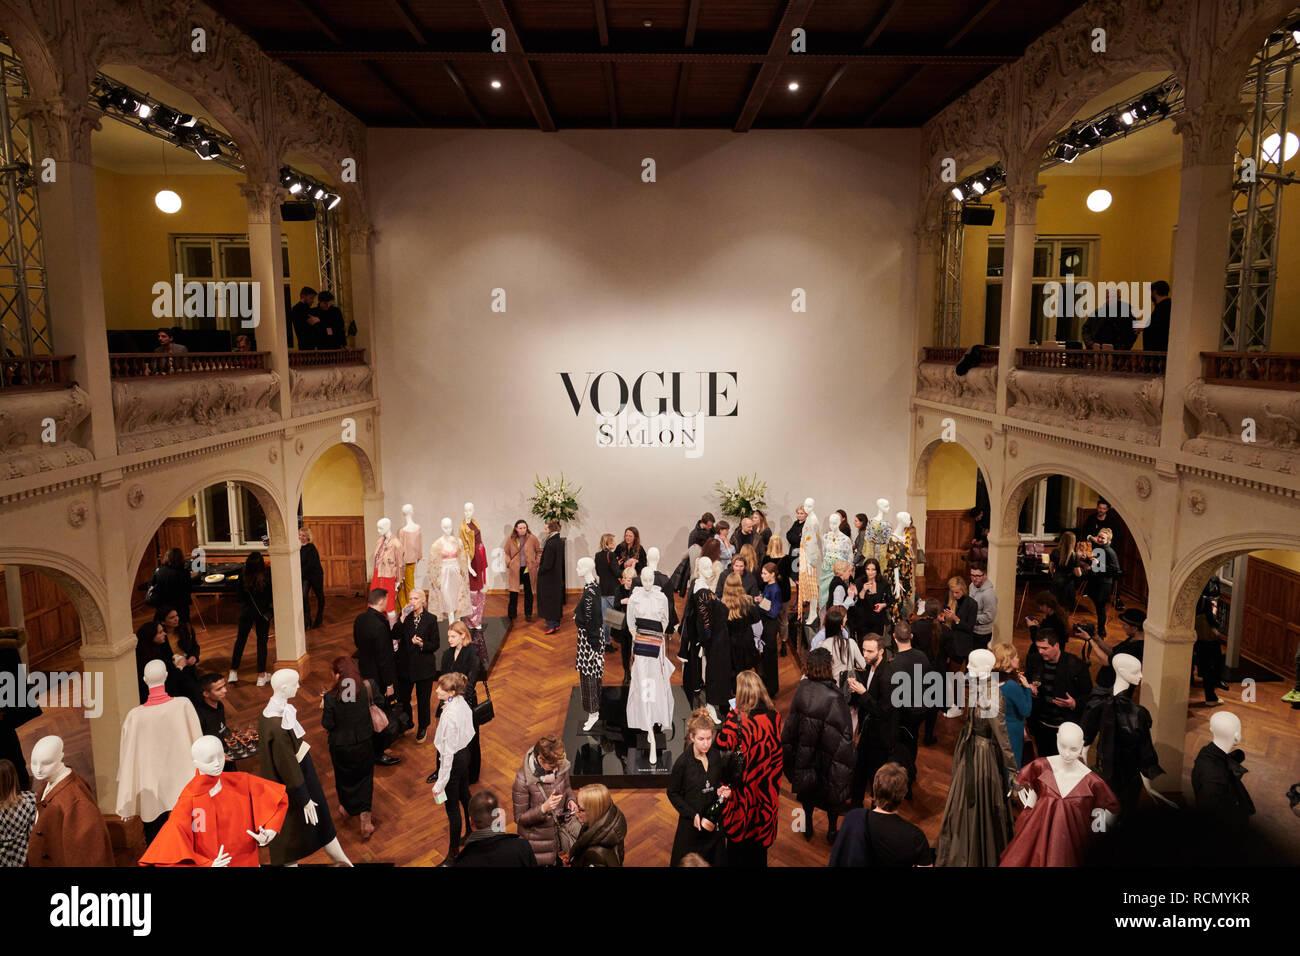 Berlin, Deutschland. 15 Jan, 2019. In der Vogue Salon, die ...